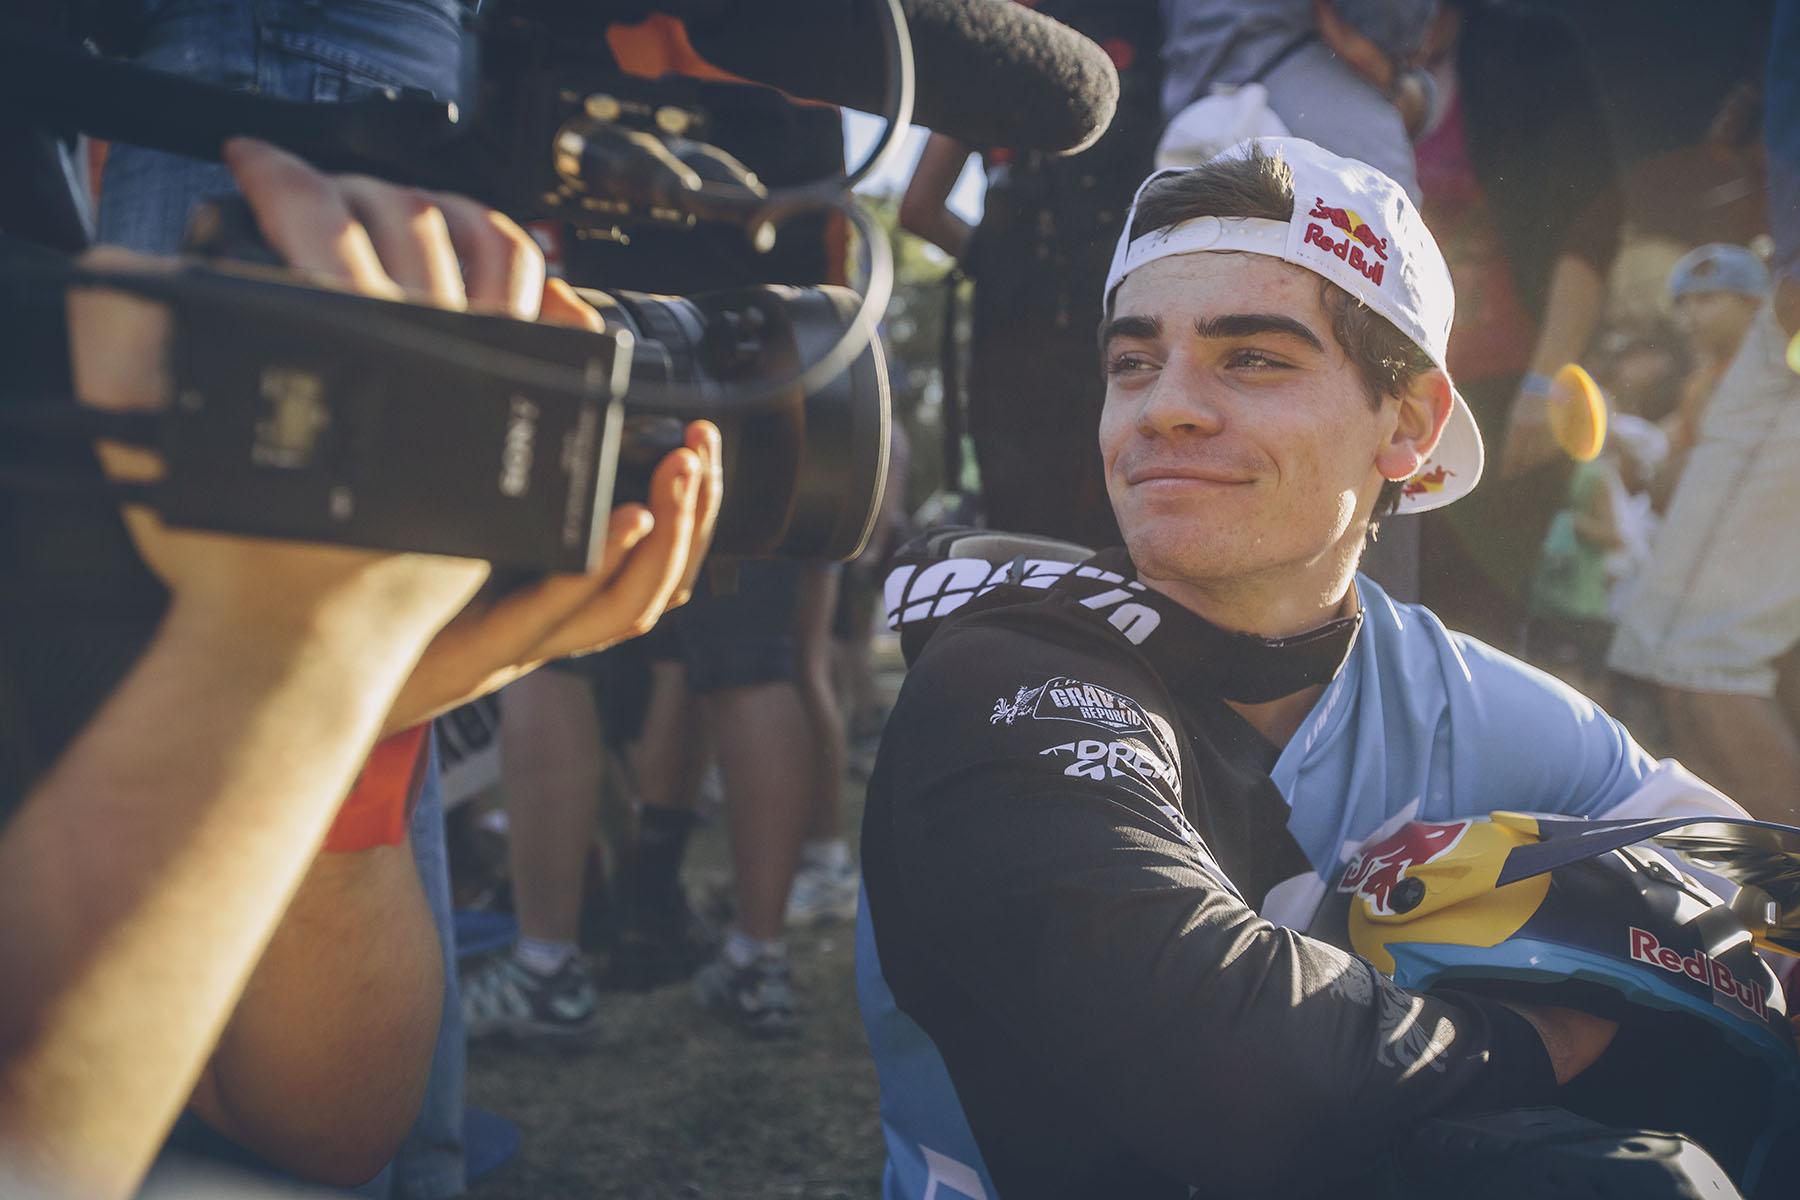 Im Herzen vielleicht etwas enttäuscht, im Gesicht allerdings erfreut über seinen vierten Platz. Loic Bruni will endlich mal einen Sieg einfahren!